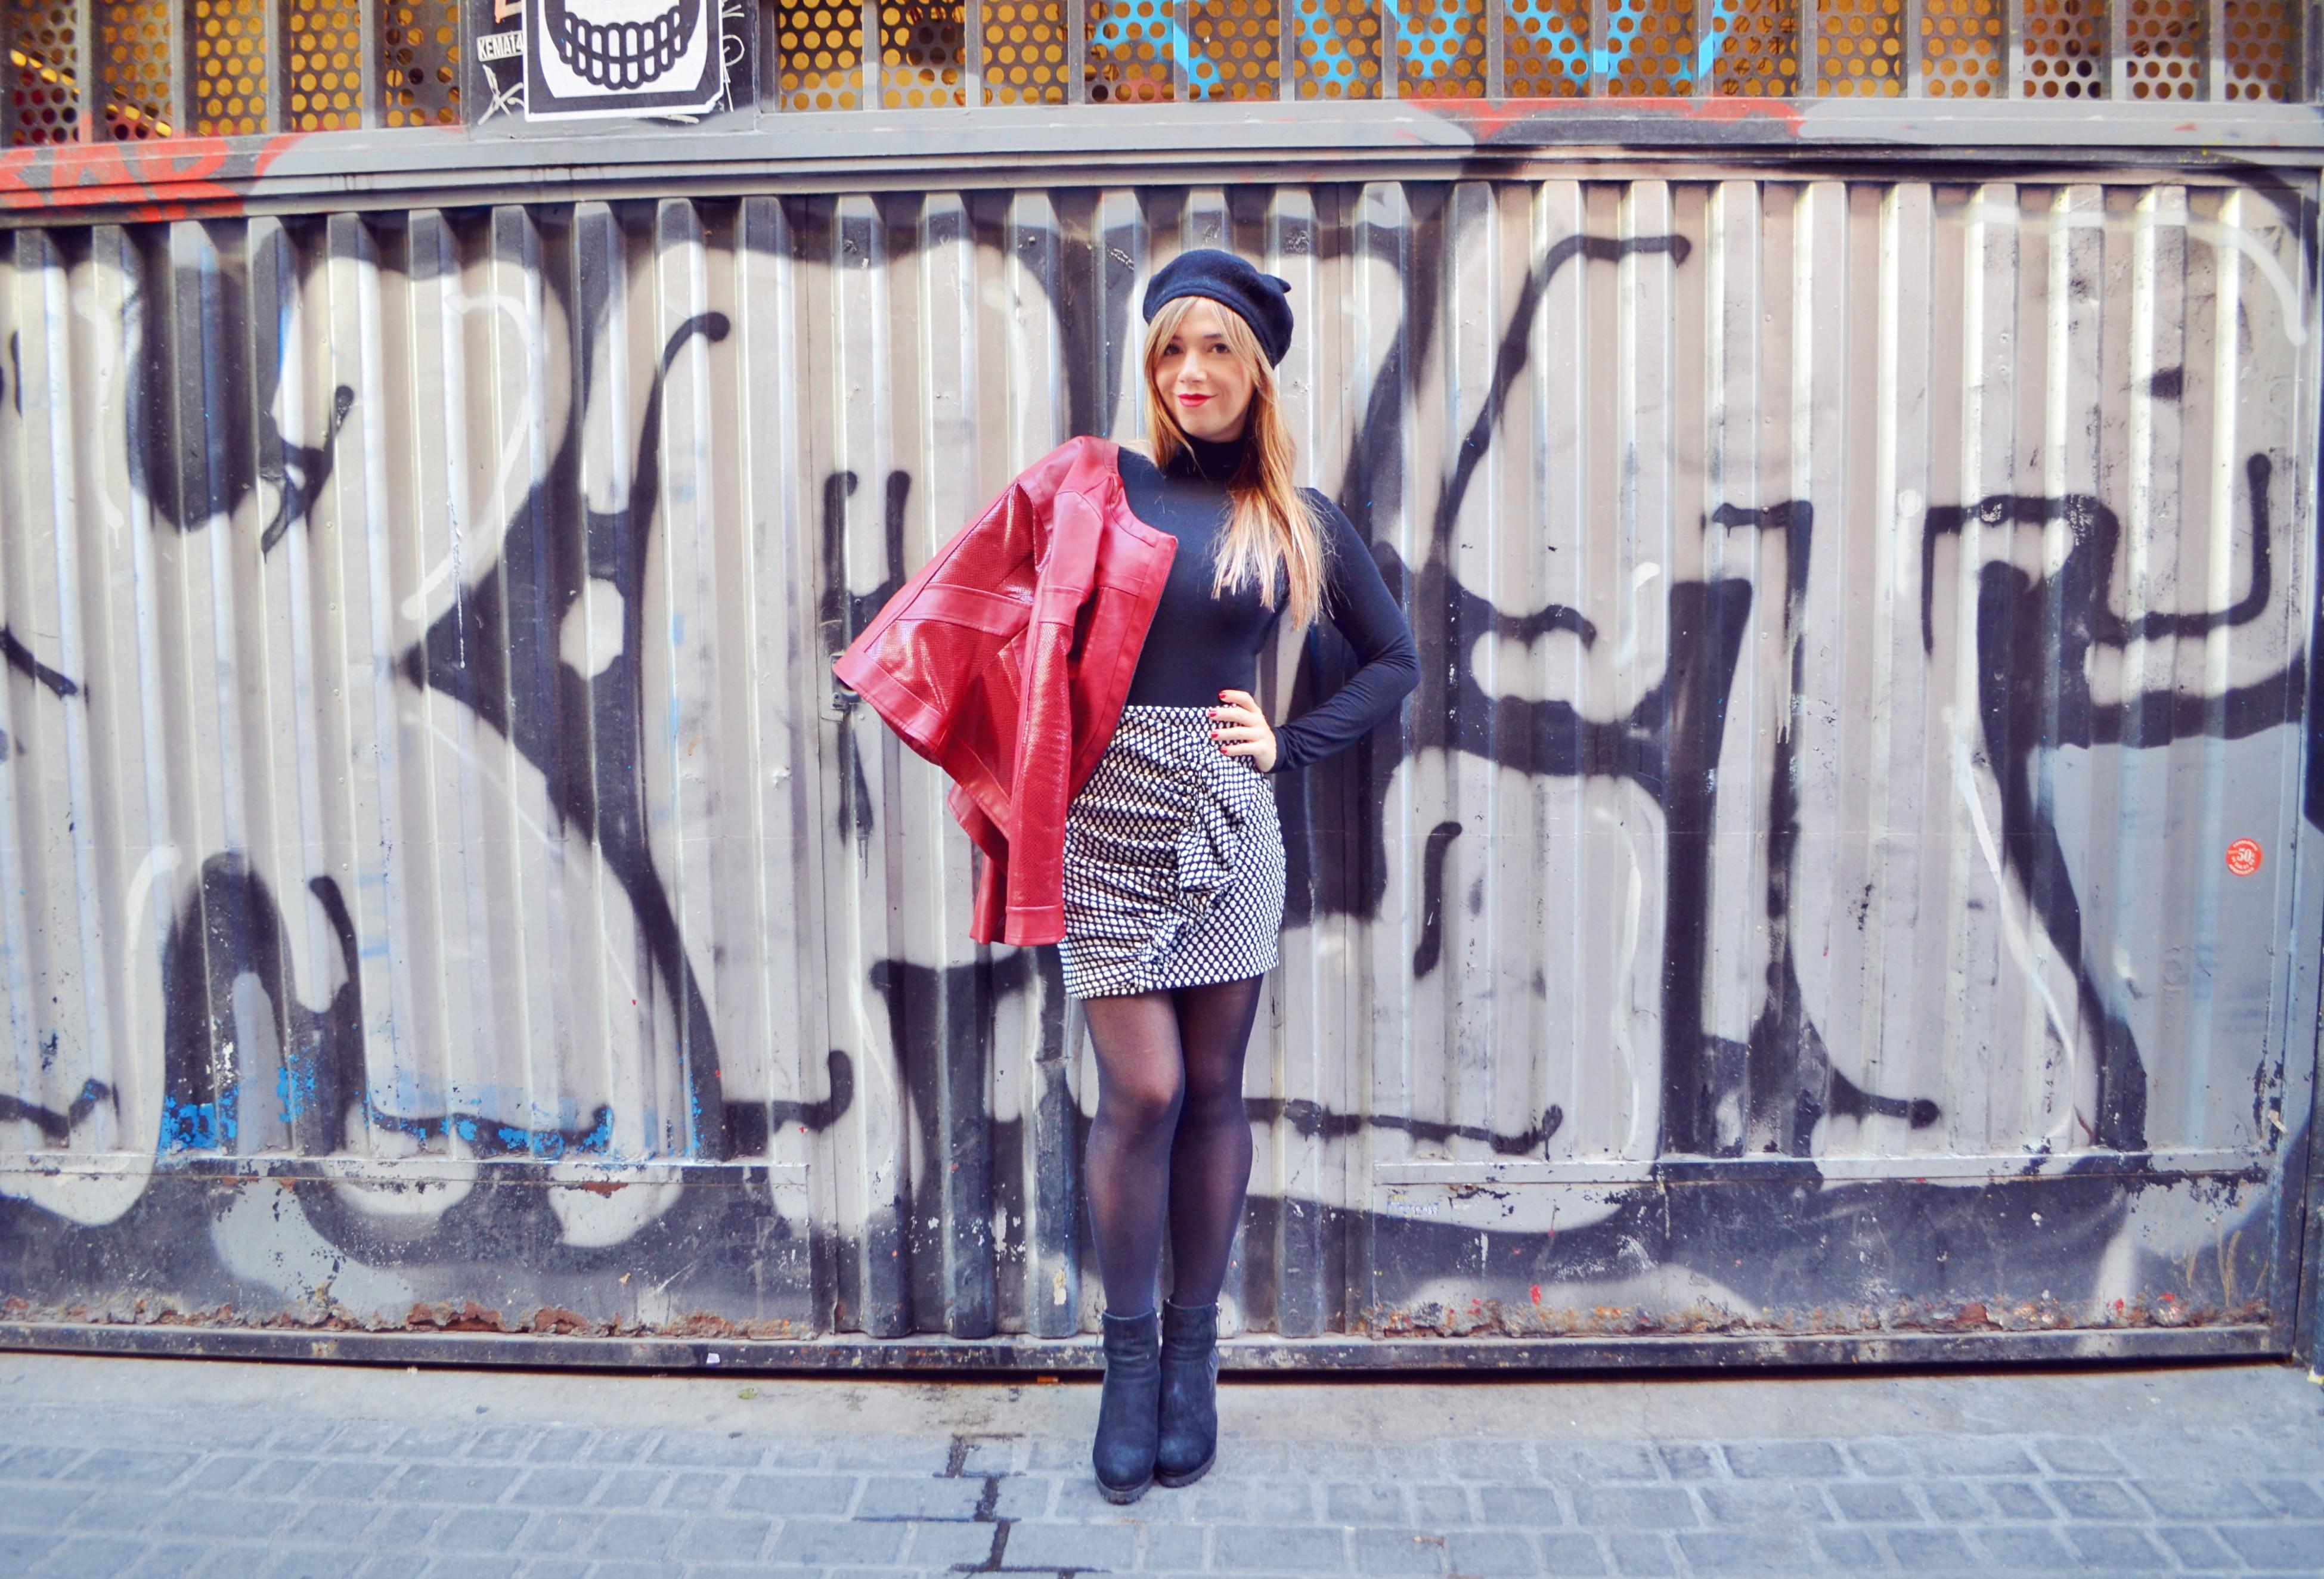 Arggido-ropa-blog-de-moda-ChicAdicta-look-blanco-y-negro-Chic-Adicta-influencer-boinas-Madrid-chupa-roja-PiensaenChic-Piensa-en-Chic